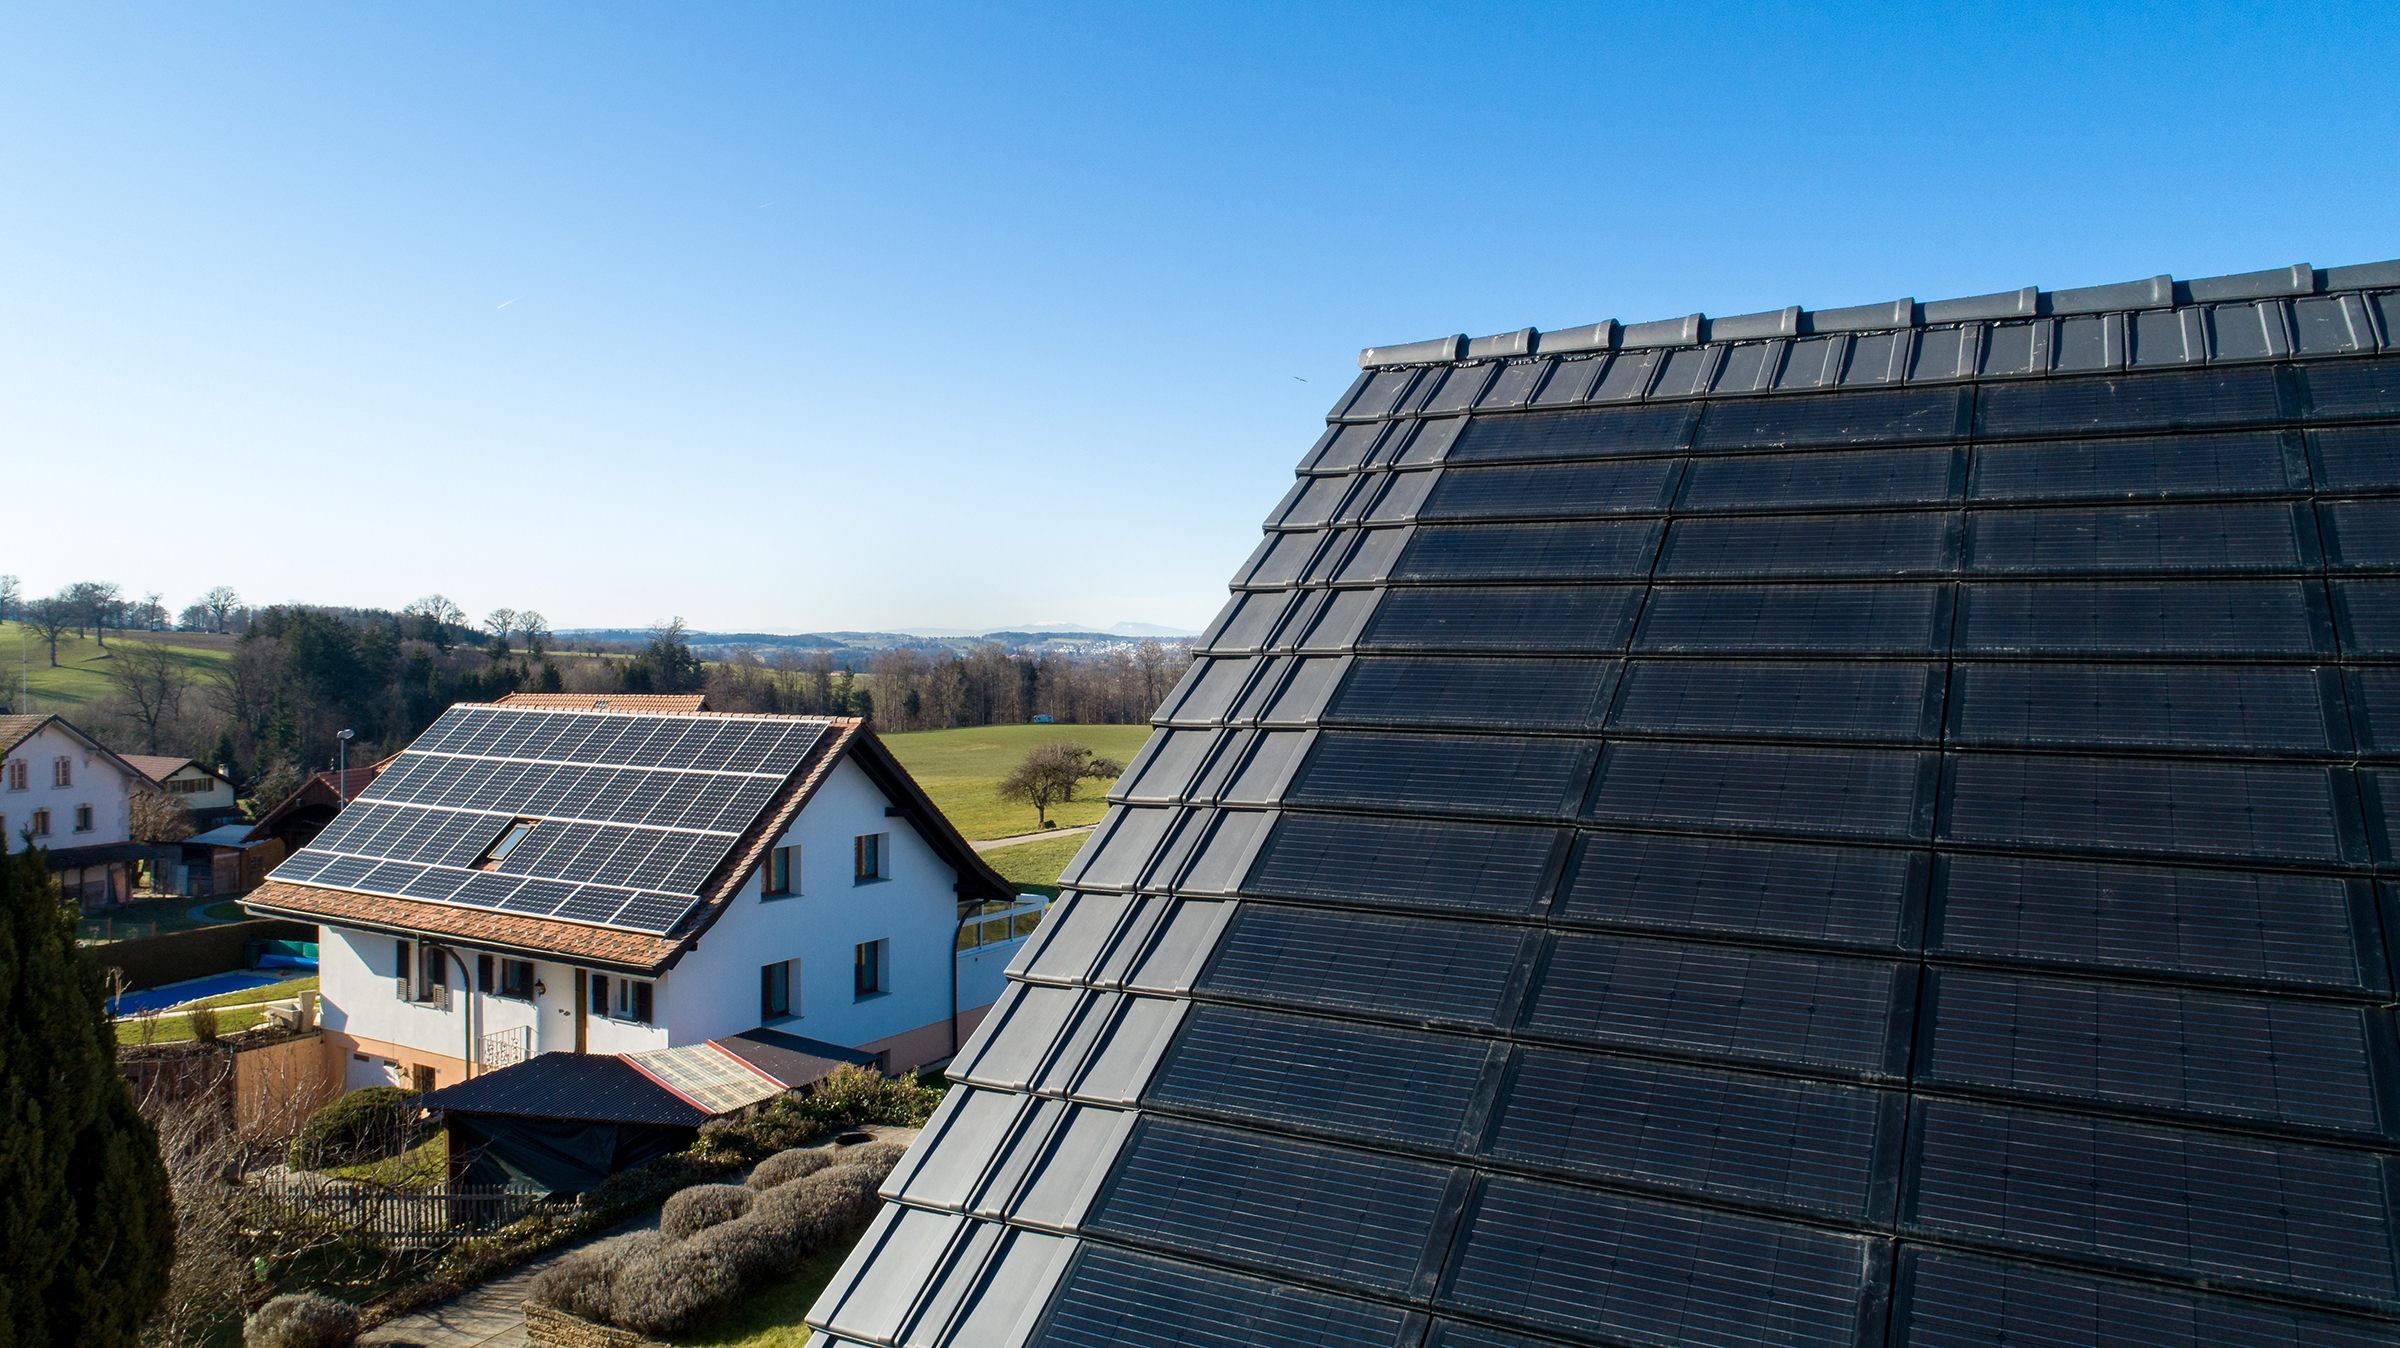 Sanierung Einfamilienhaus, Ependes, Fribourg, Solarmodul FIT 52, Flachschiebeziegel FS 03 (ZR), Gasser Ceramic, Panotron AG